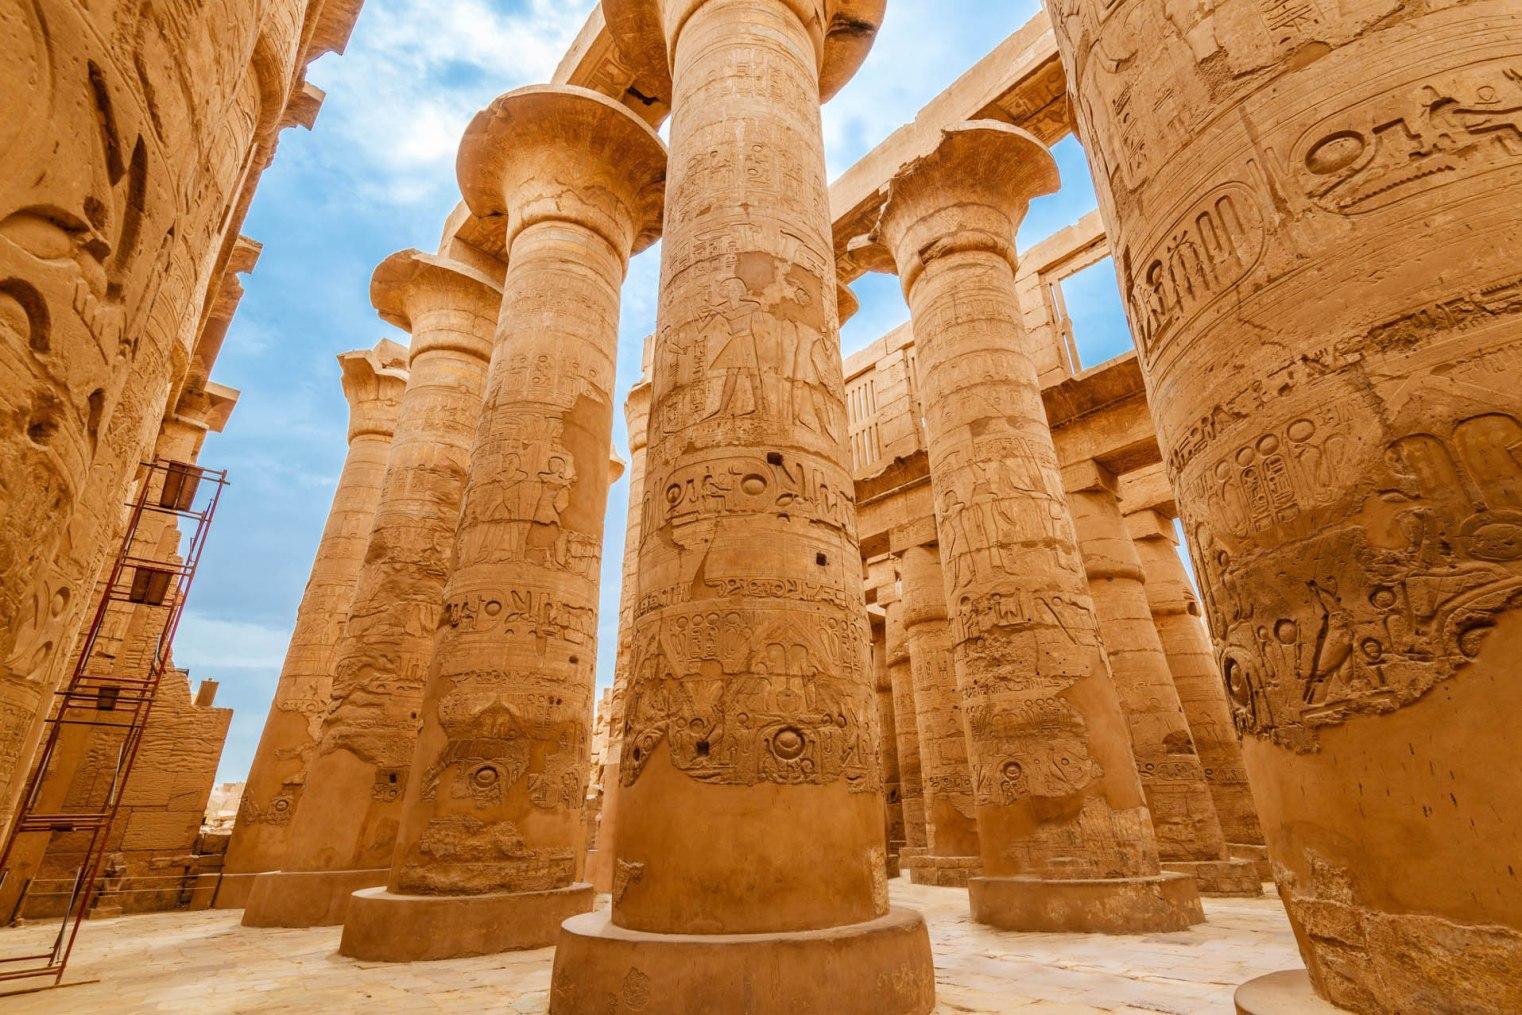 karnak egypttoursportal.com.jpg